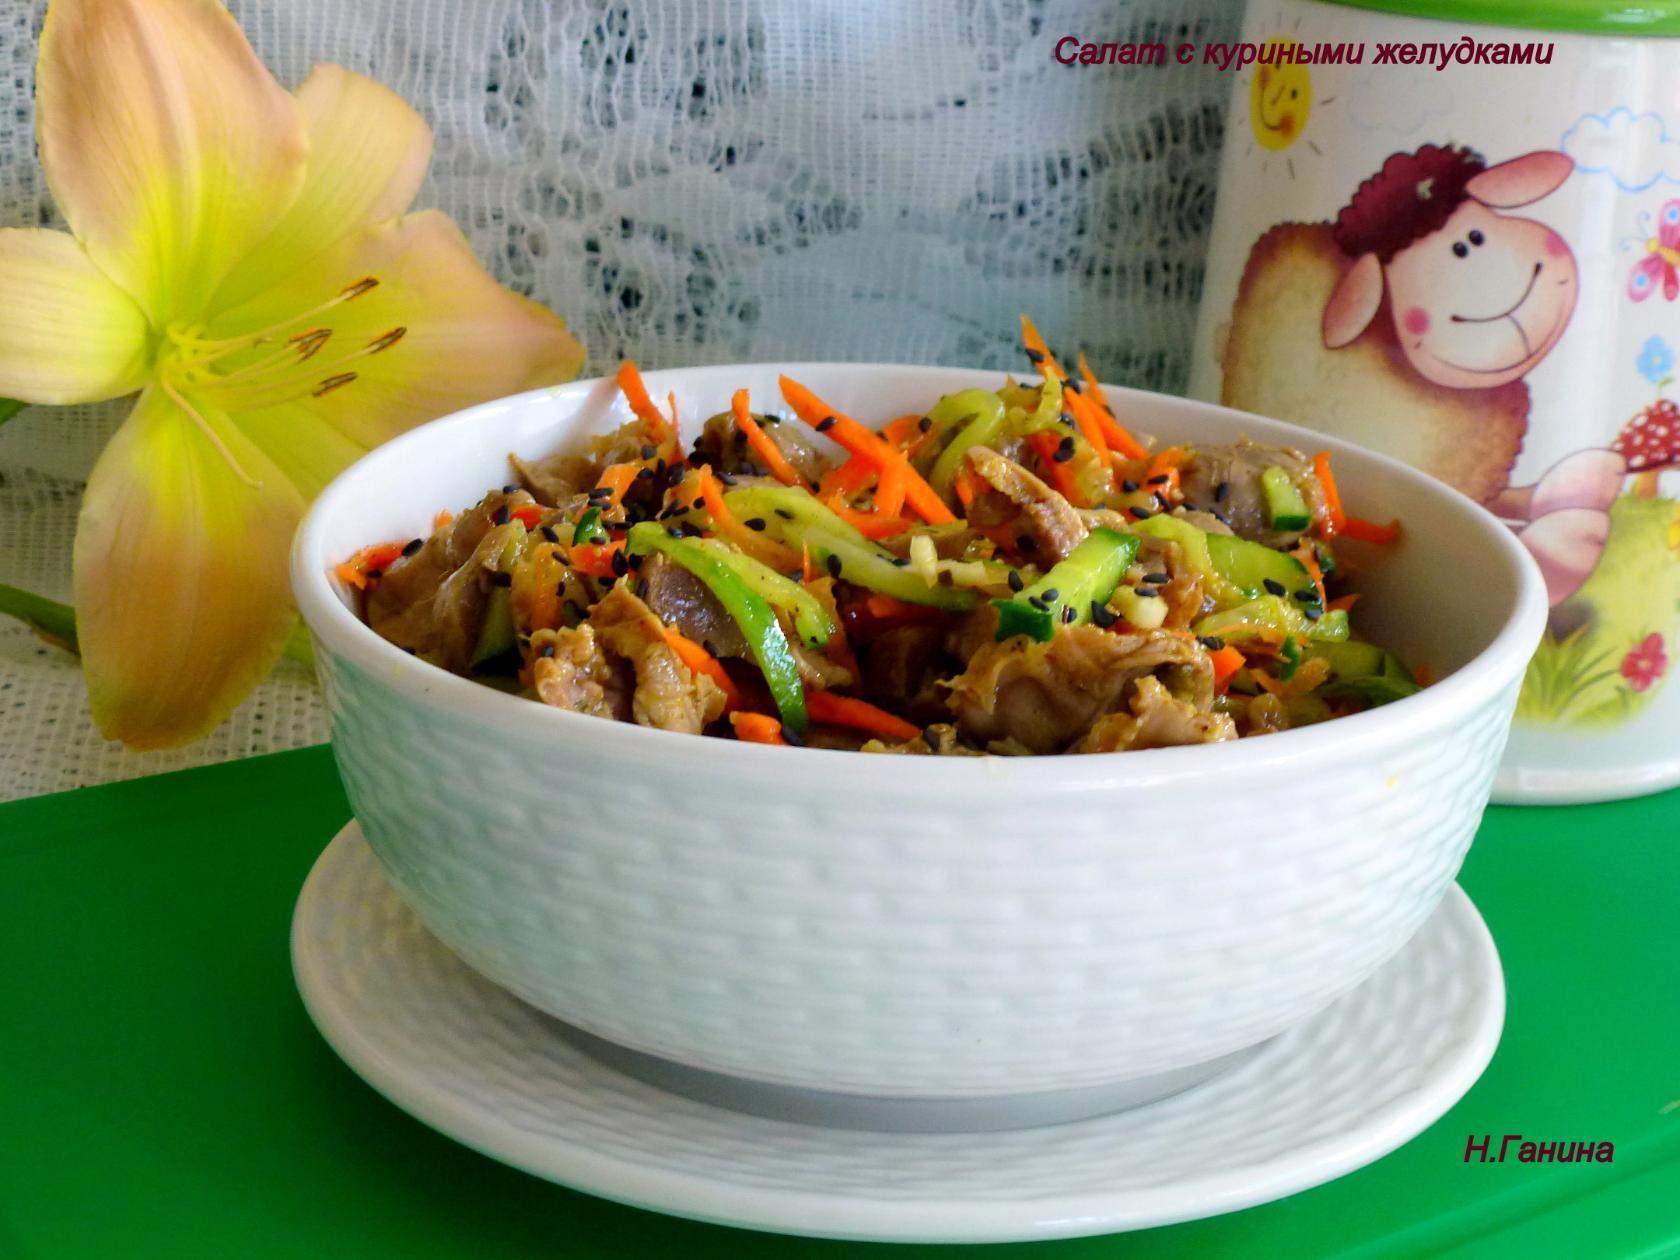 Рецепта просто маринованных нет но есть вкусный салат САЛАТ С КУРИНЫМИ ЖЕЛУДКАМИ Куриные желудки - 05 кг морковь - 05 кг свежие огурцы -2 шт